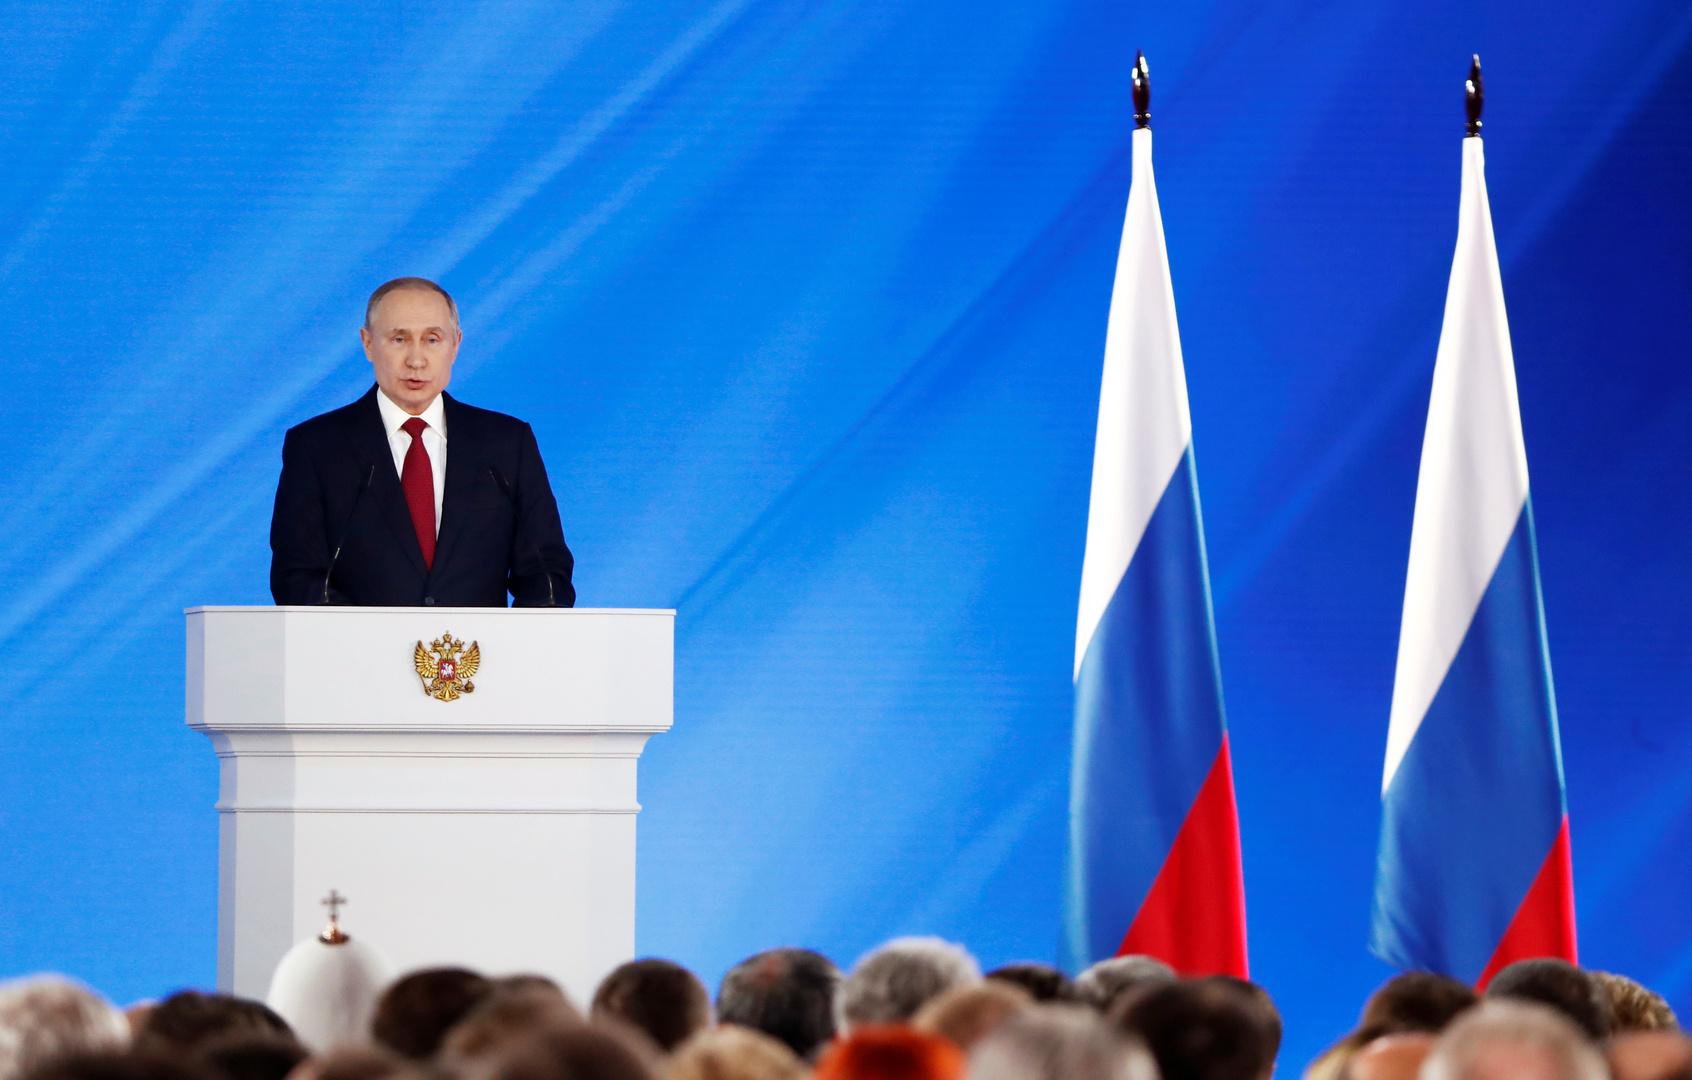 بوتين يشدد على أهمية الوضع الديموغرافي في روسيا ويقر جملة من الإجراءات